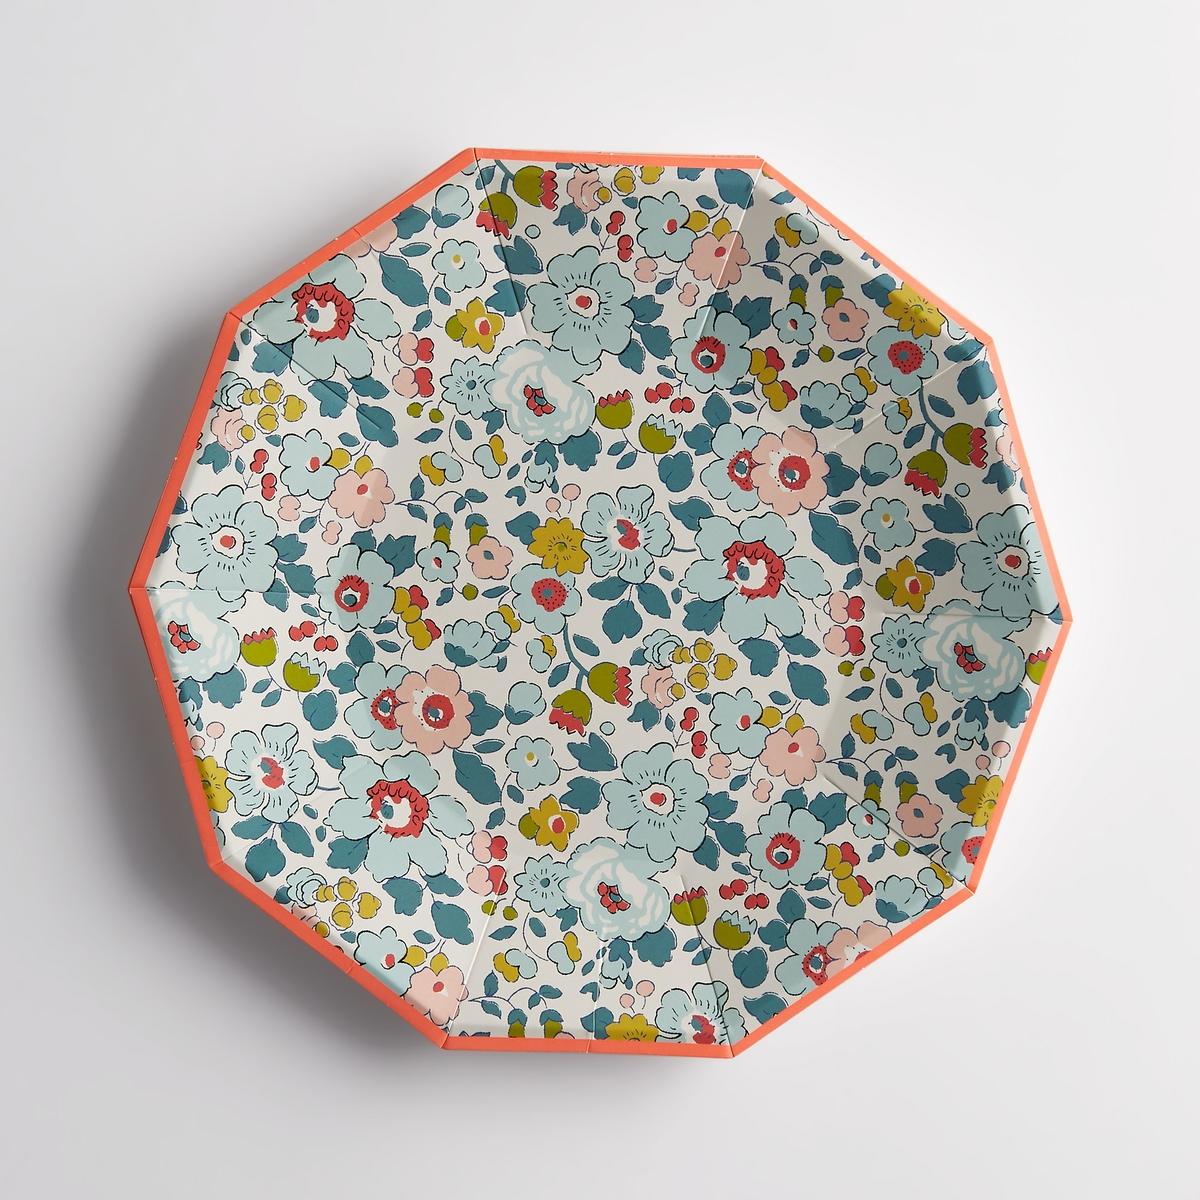 Комплект из 12 тарелок из картона Liberty BetsyХарактеристики тарелок Liberty : Одноразовые тарелки из картона.Форма десятиугольника (10 сторон).Кайма оранжевого цвета.Размеры тарелок Liberty : диаметр 23 см.Другие комплекты и коллекции предметов декора стола вы можете найти на сайте laredoute.ru<br><br>Цвет: цветочный рисунок